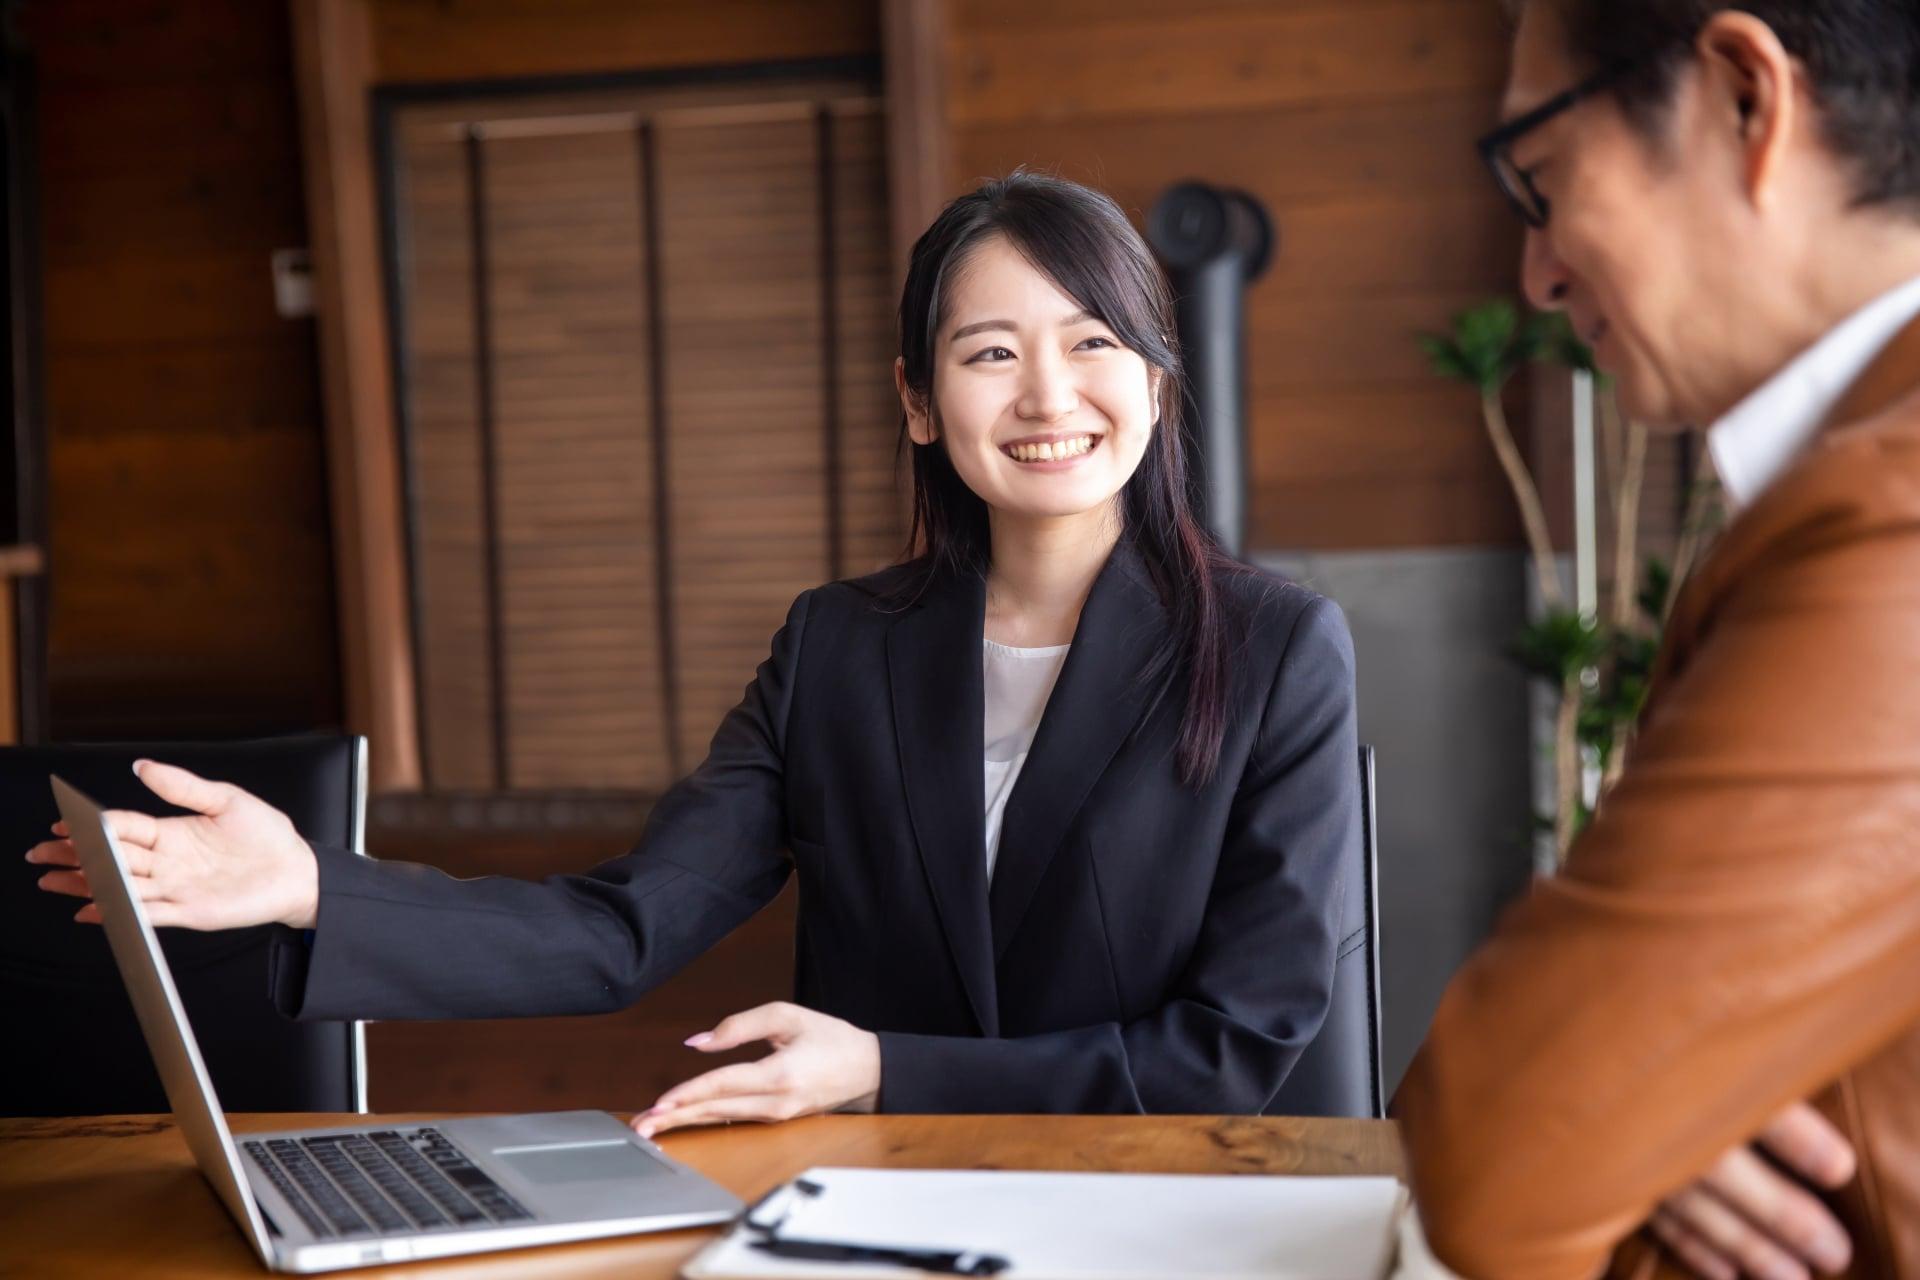 プレゼンをする女性、ノートパソコン、顧客の男性